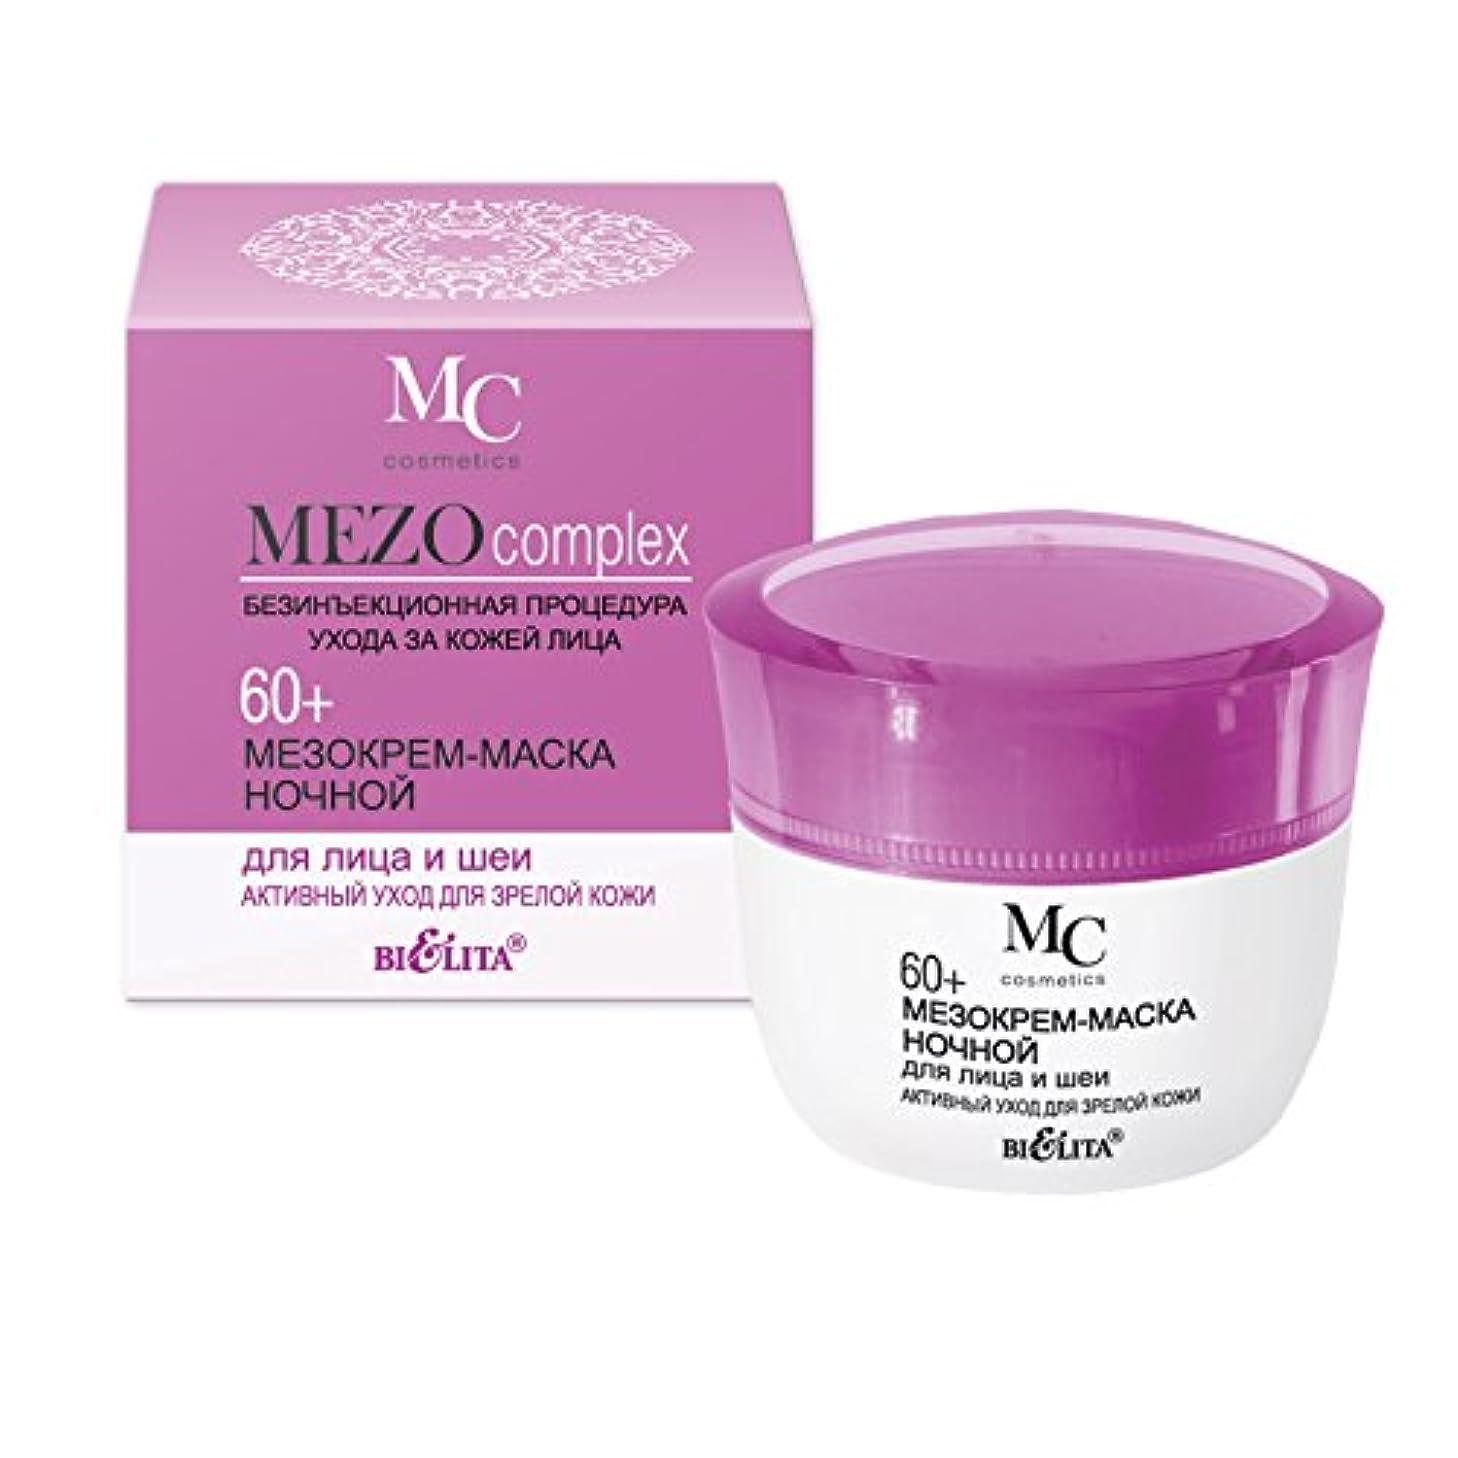 予定雄弁治すNight cream mask (MEZO) for face and neck 60+ care for mature skin | Hyaluronic acid, Vitamin E, Peach seed oil, Cocoa butter & much more | 50ml